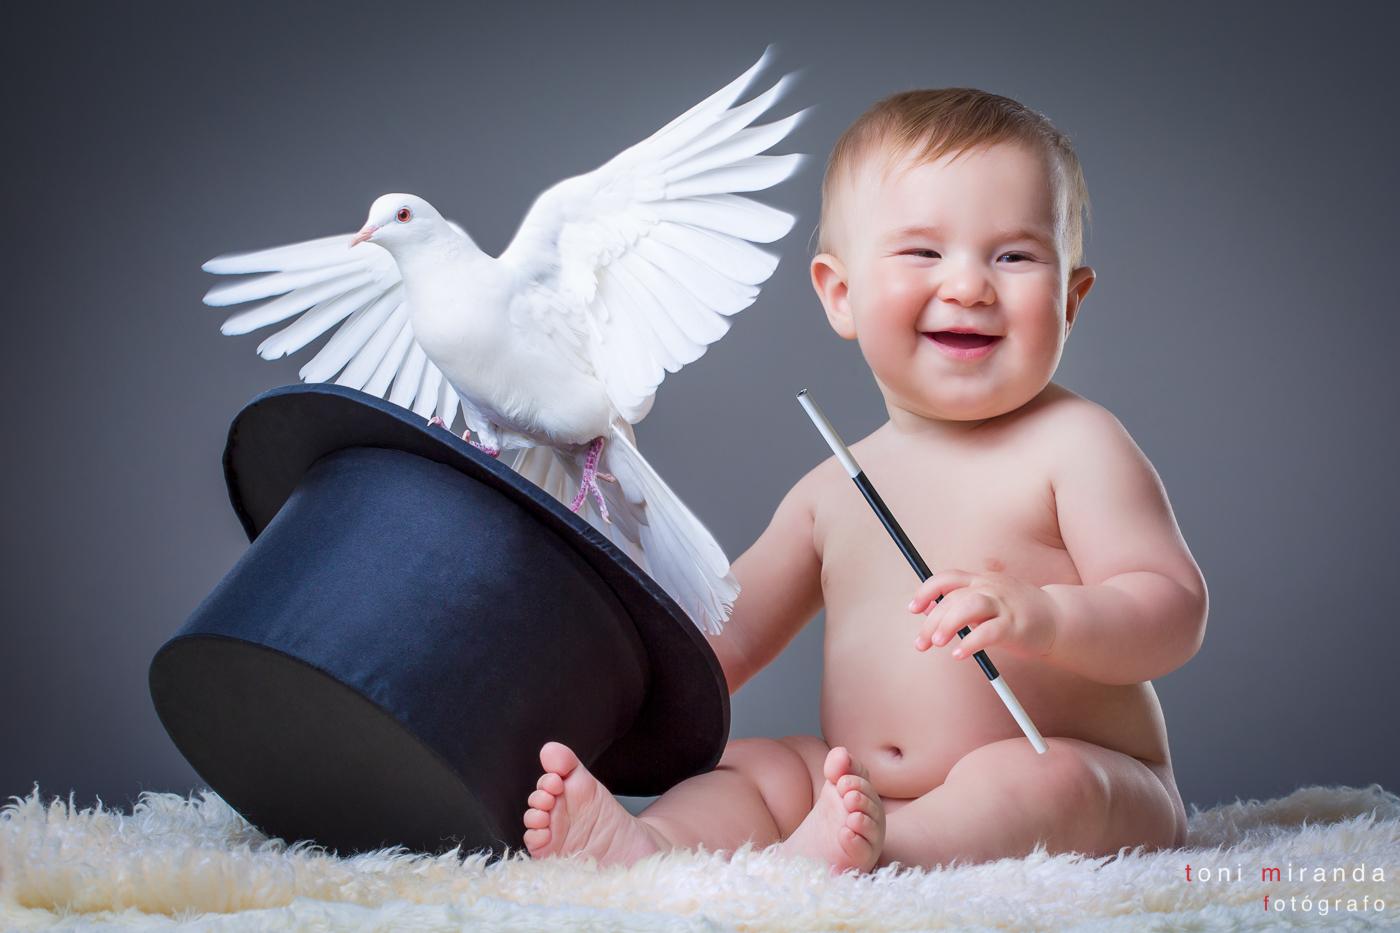 bebe mago y paloma saliendo de chistera